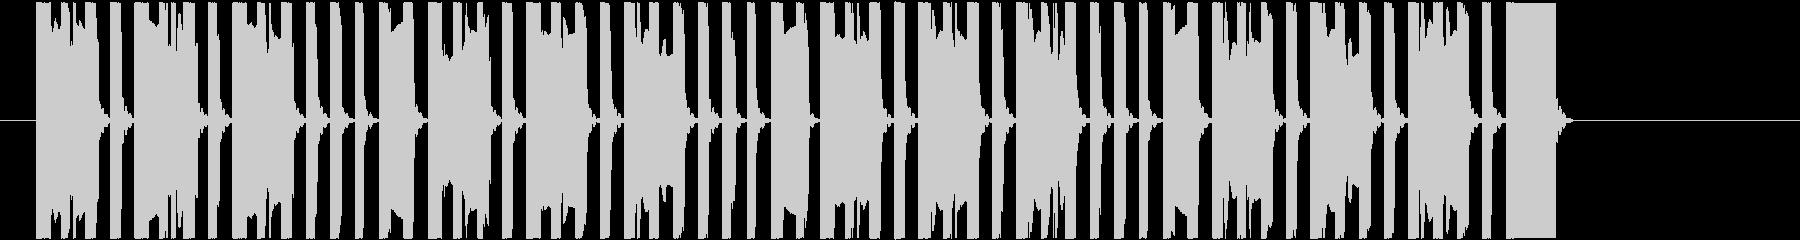 ファミコン風ジングル/コミカル/17秒の未再生の波形